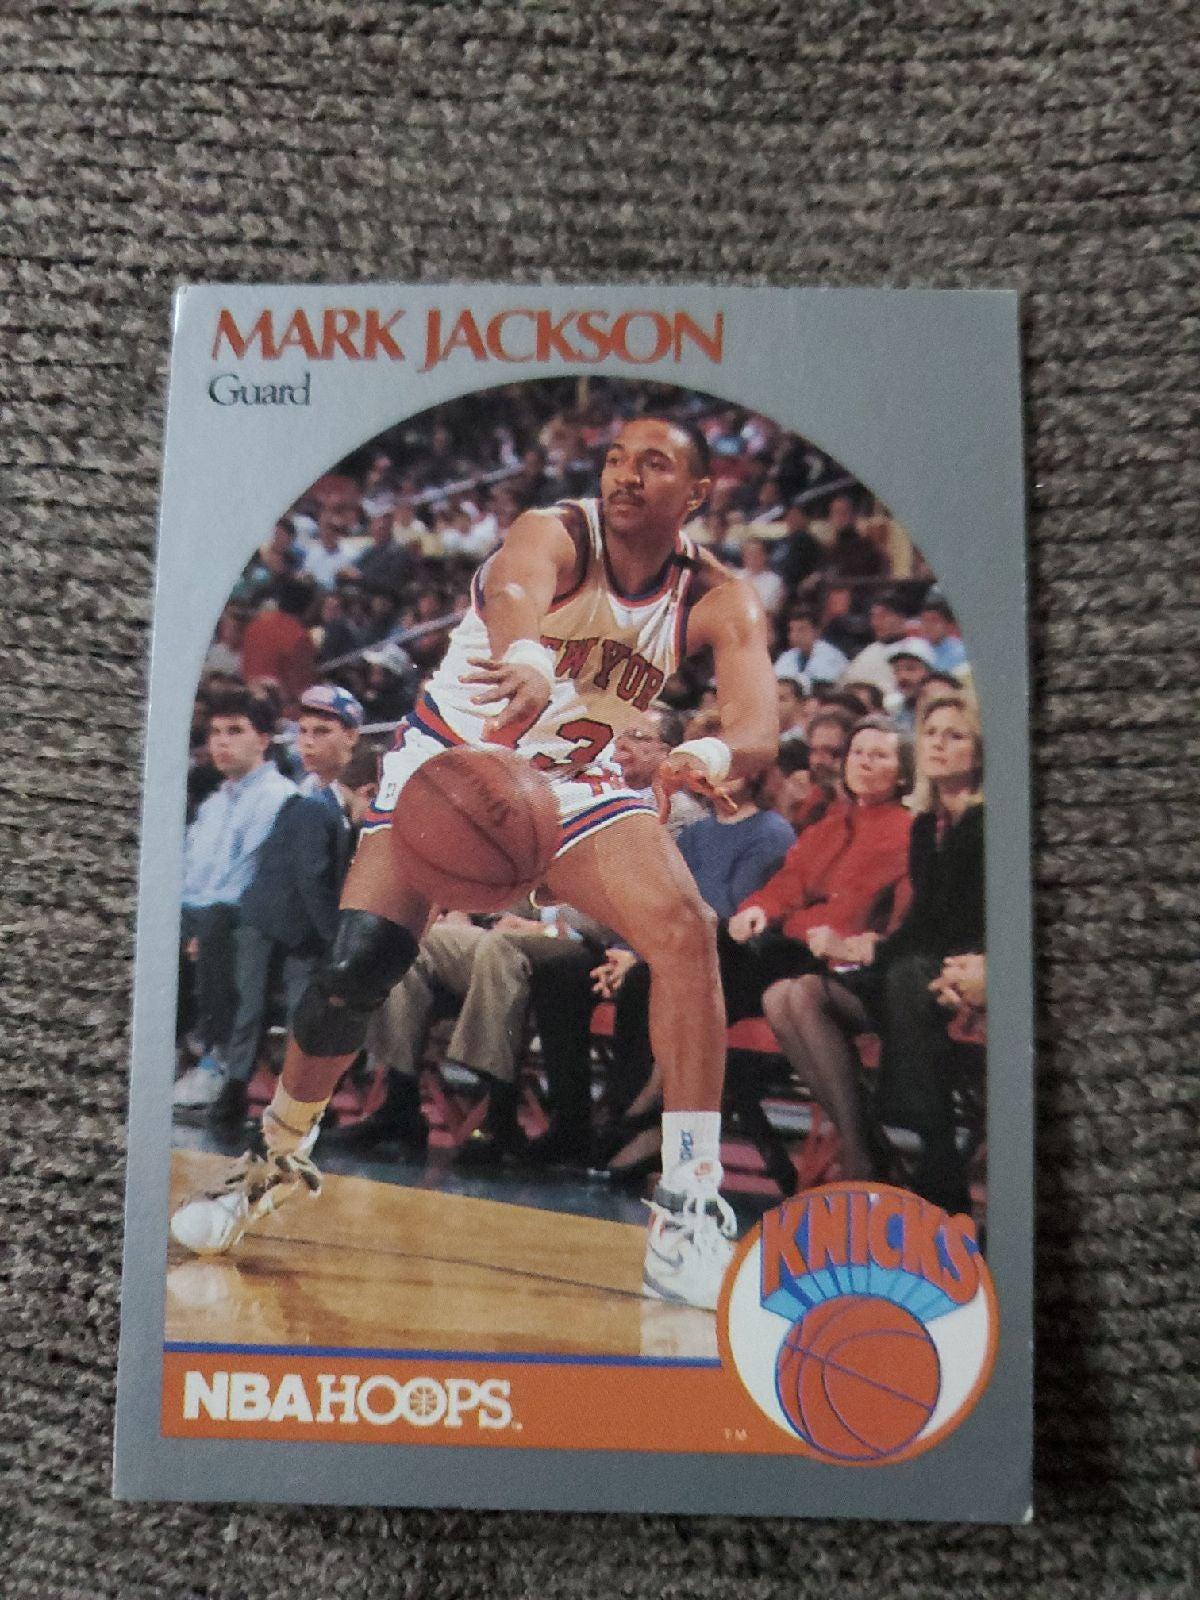 1990 Mark Jackson card